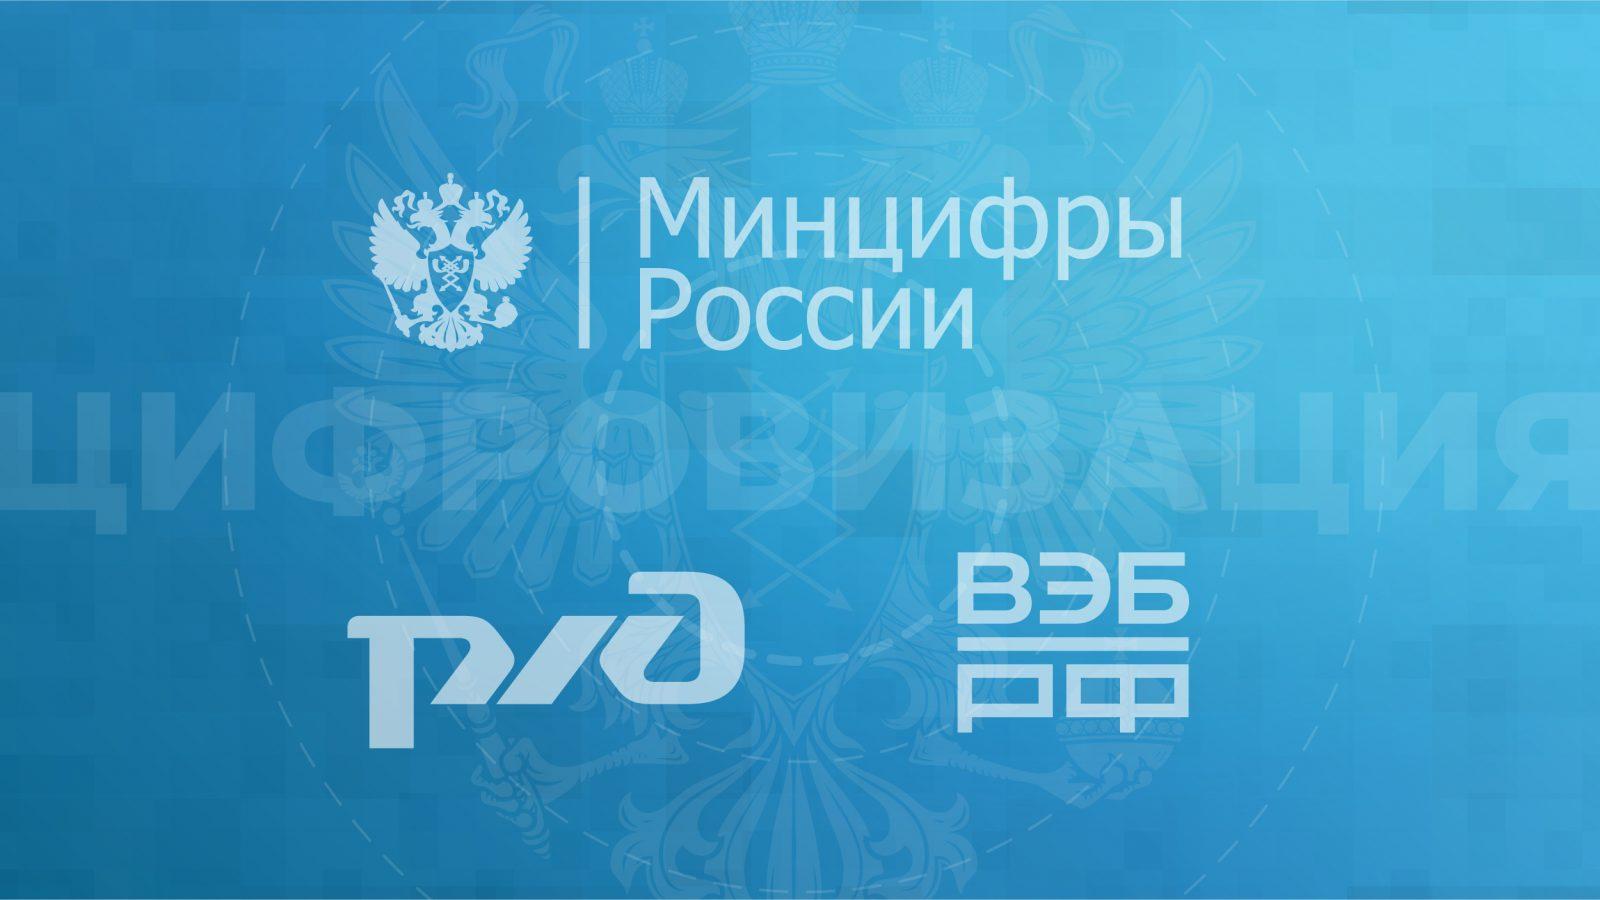 Минцифры России поддержит цифровизацию «РЖД» в рамках программы льготного кредитования